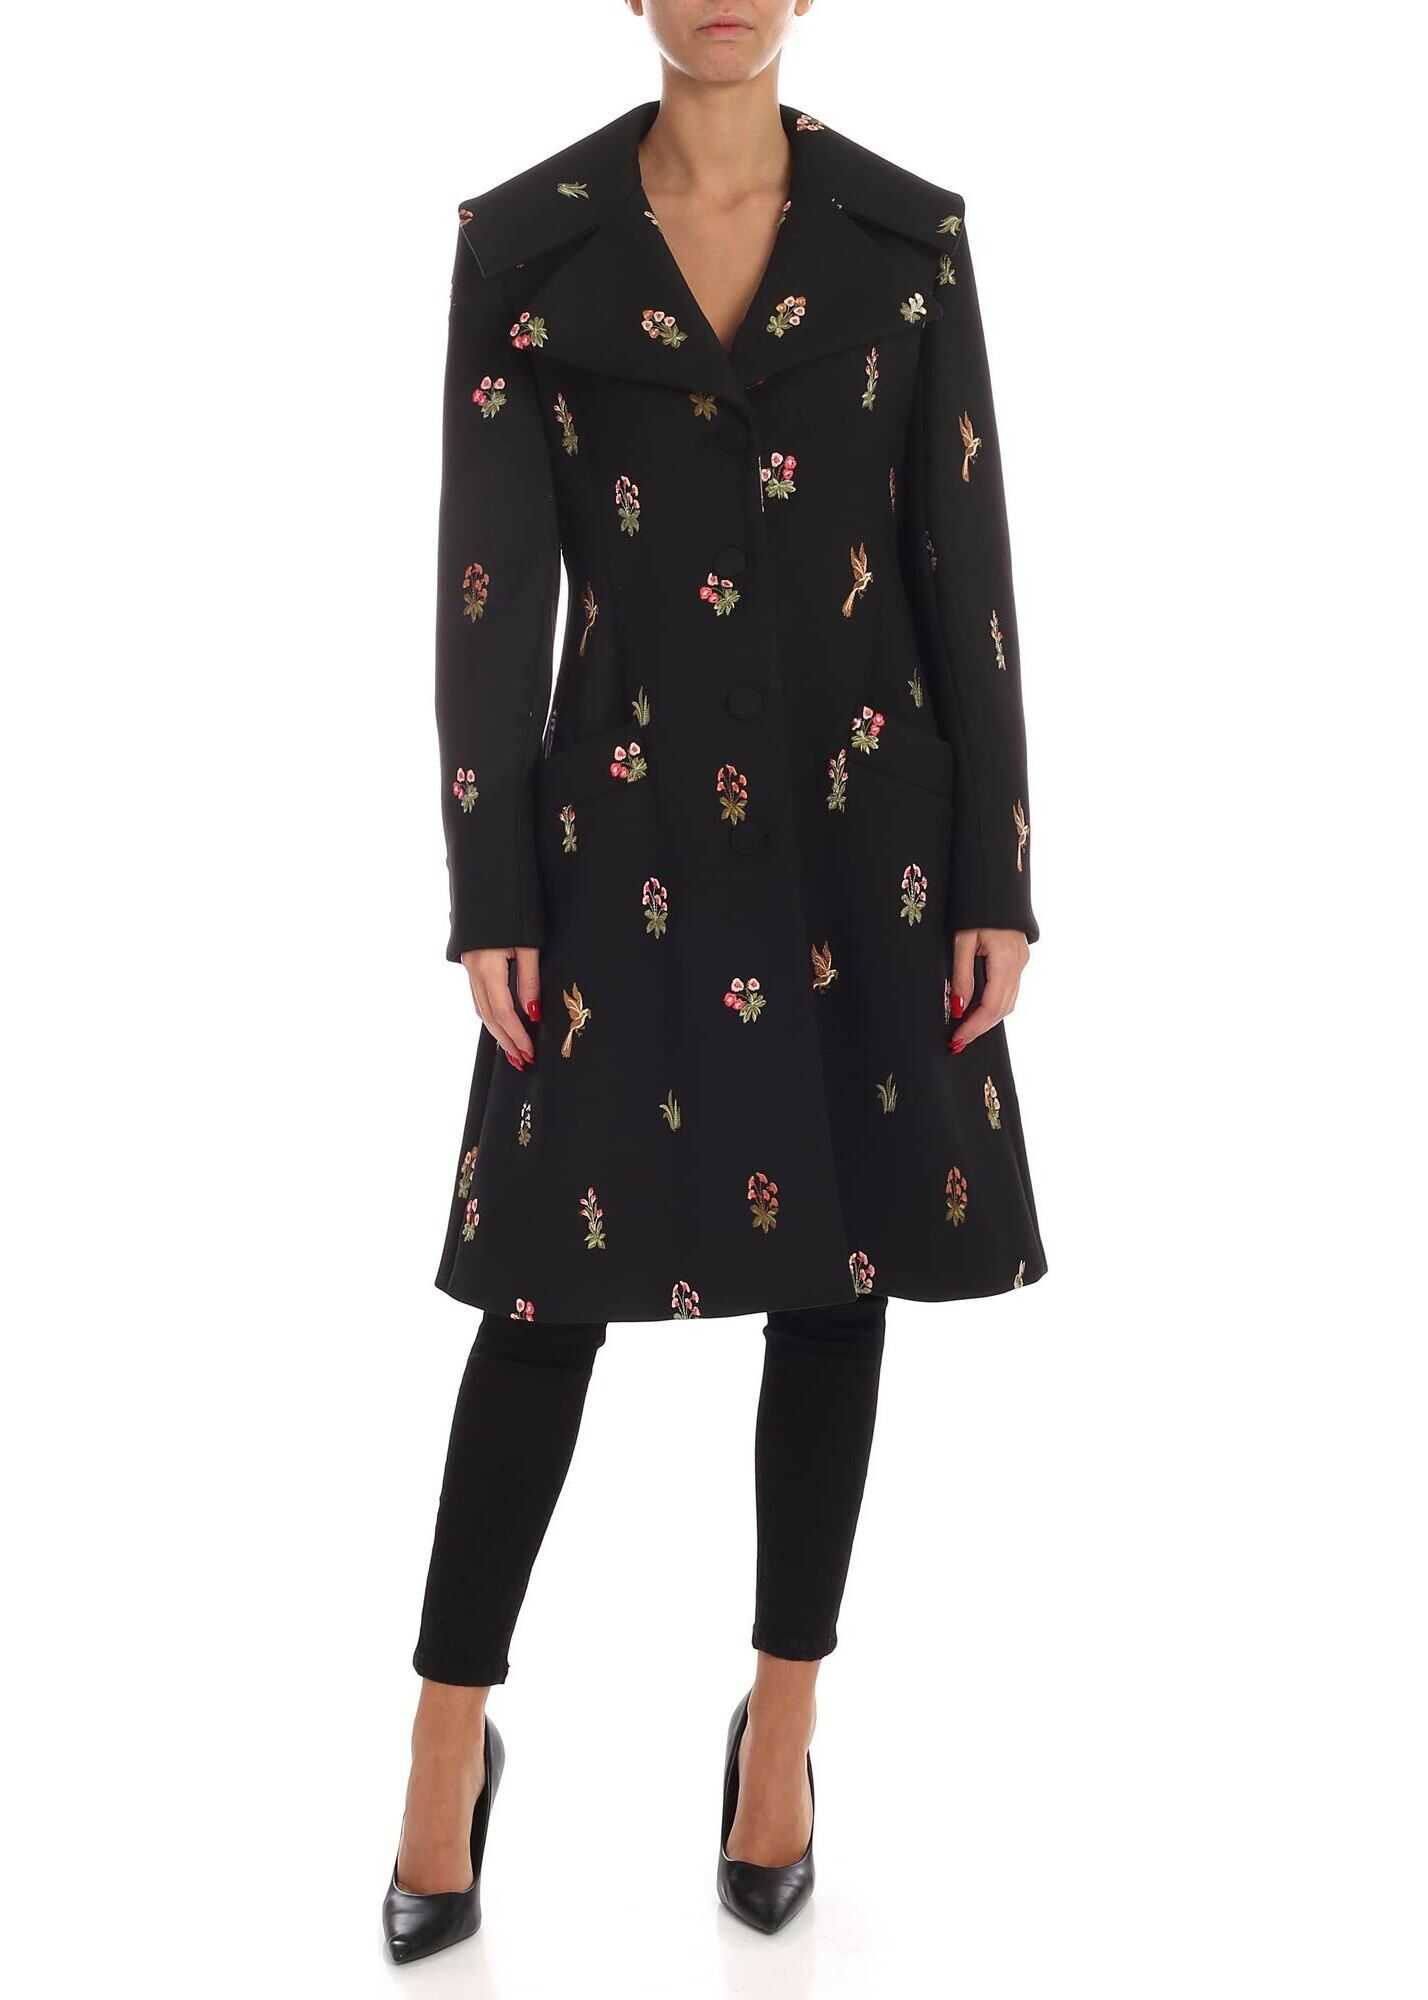 Vivetta Hunting Embroidery Coat In Black Black